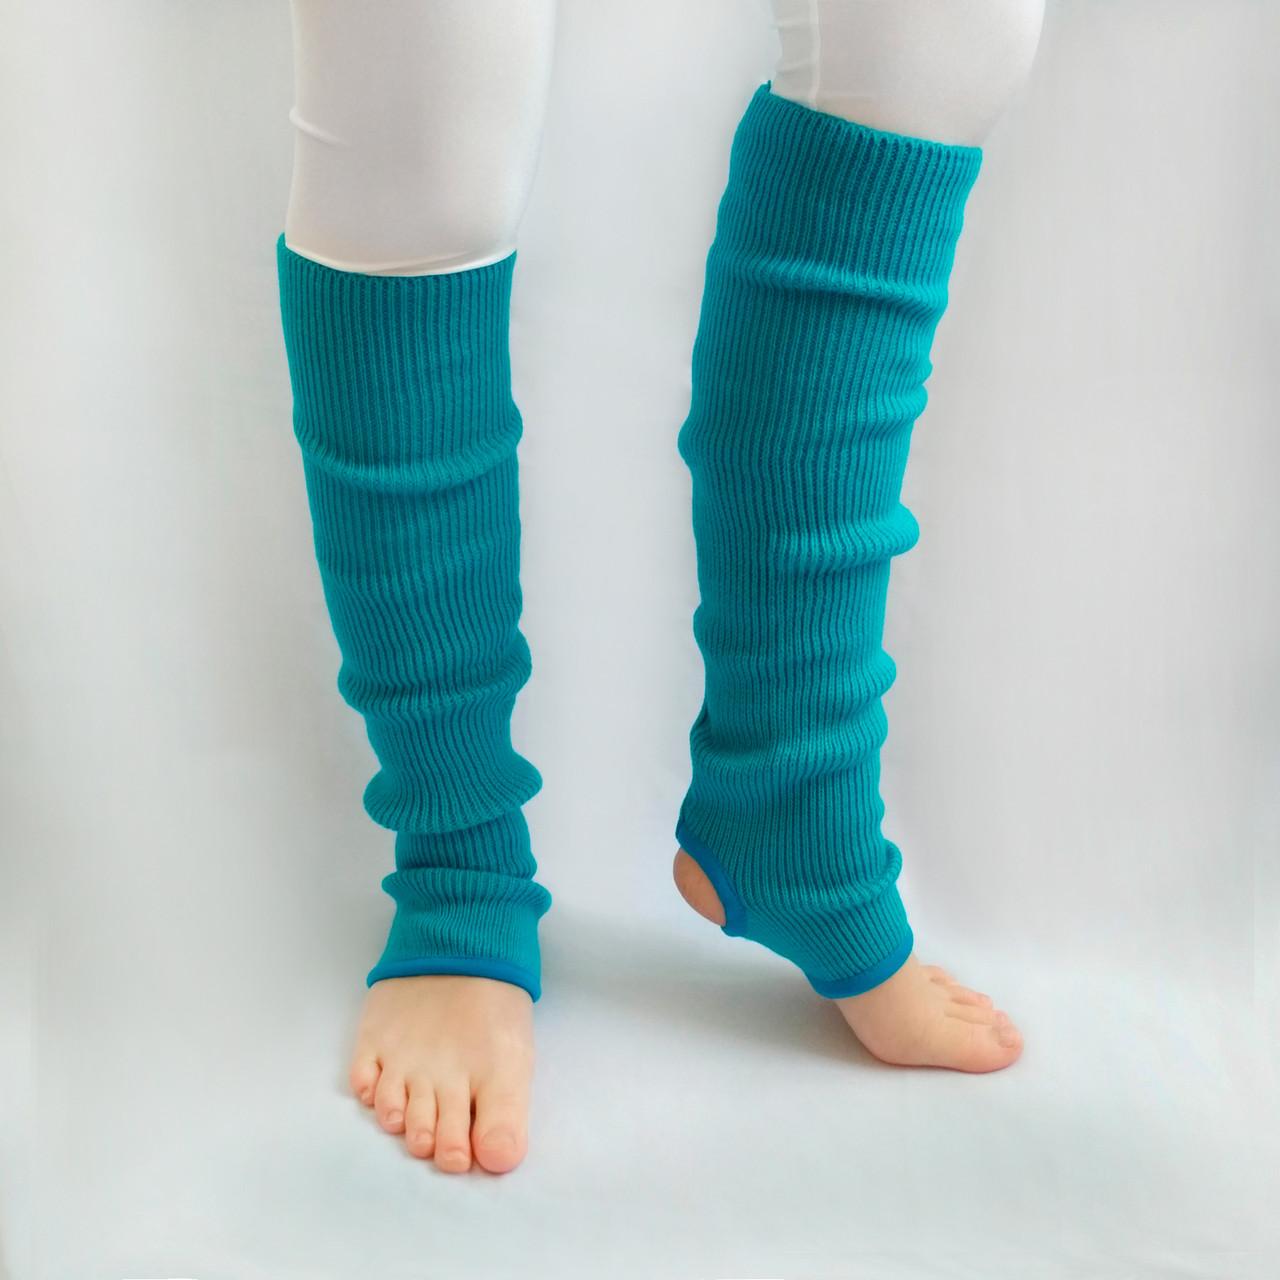 Вязаные детские гетры для гимнастики и хореографии 35 см Голубой для девочек до 10 лет